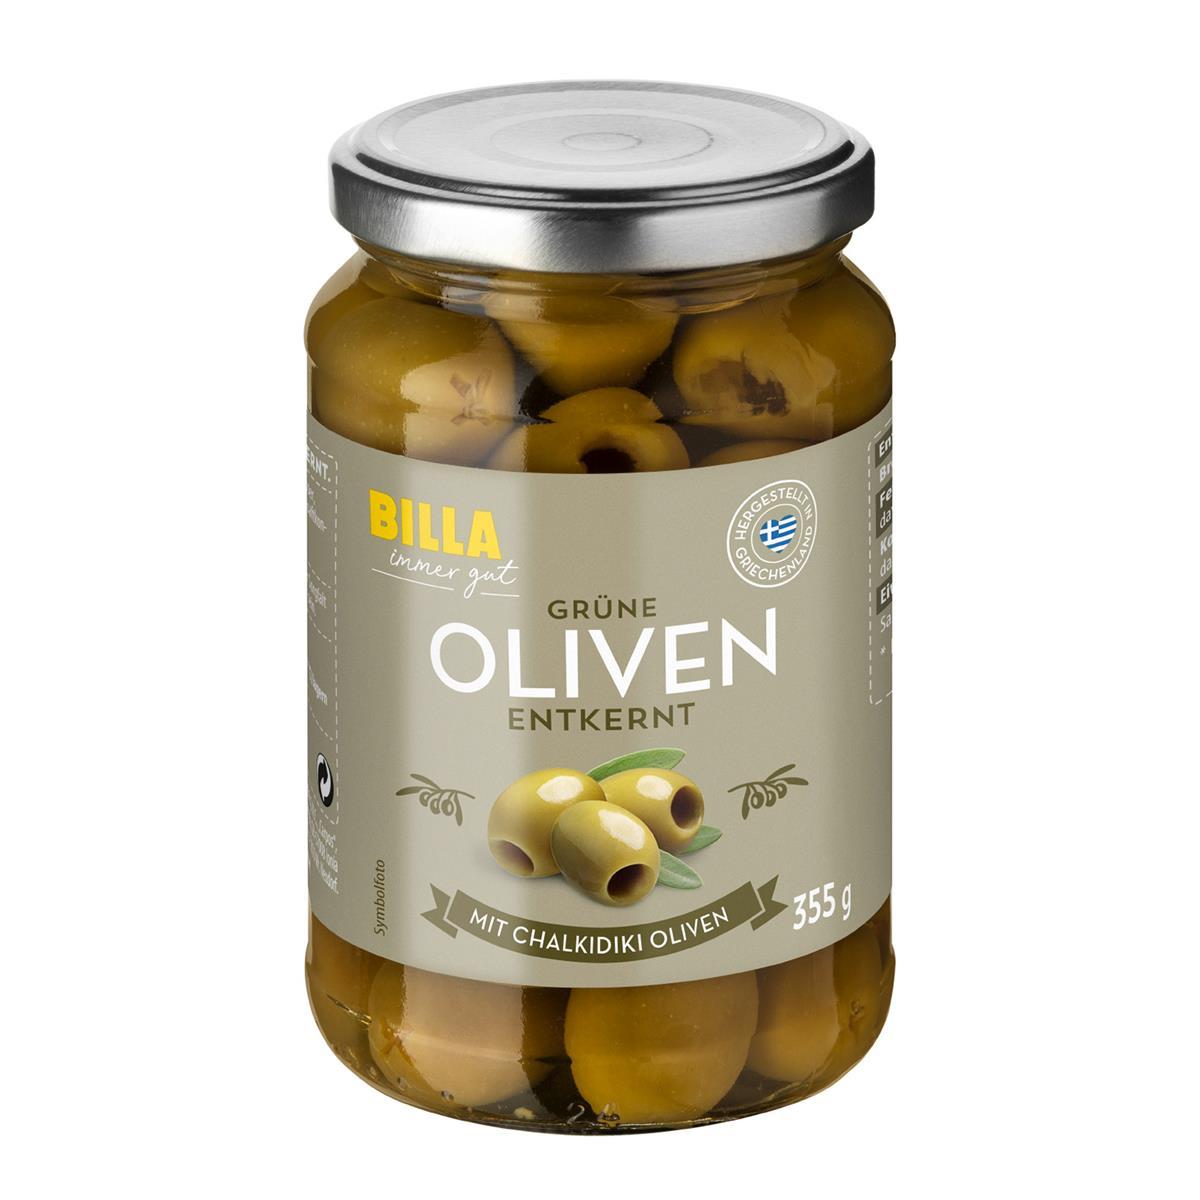 oliven eingelegt nährwerte